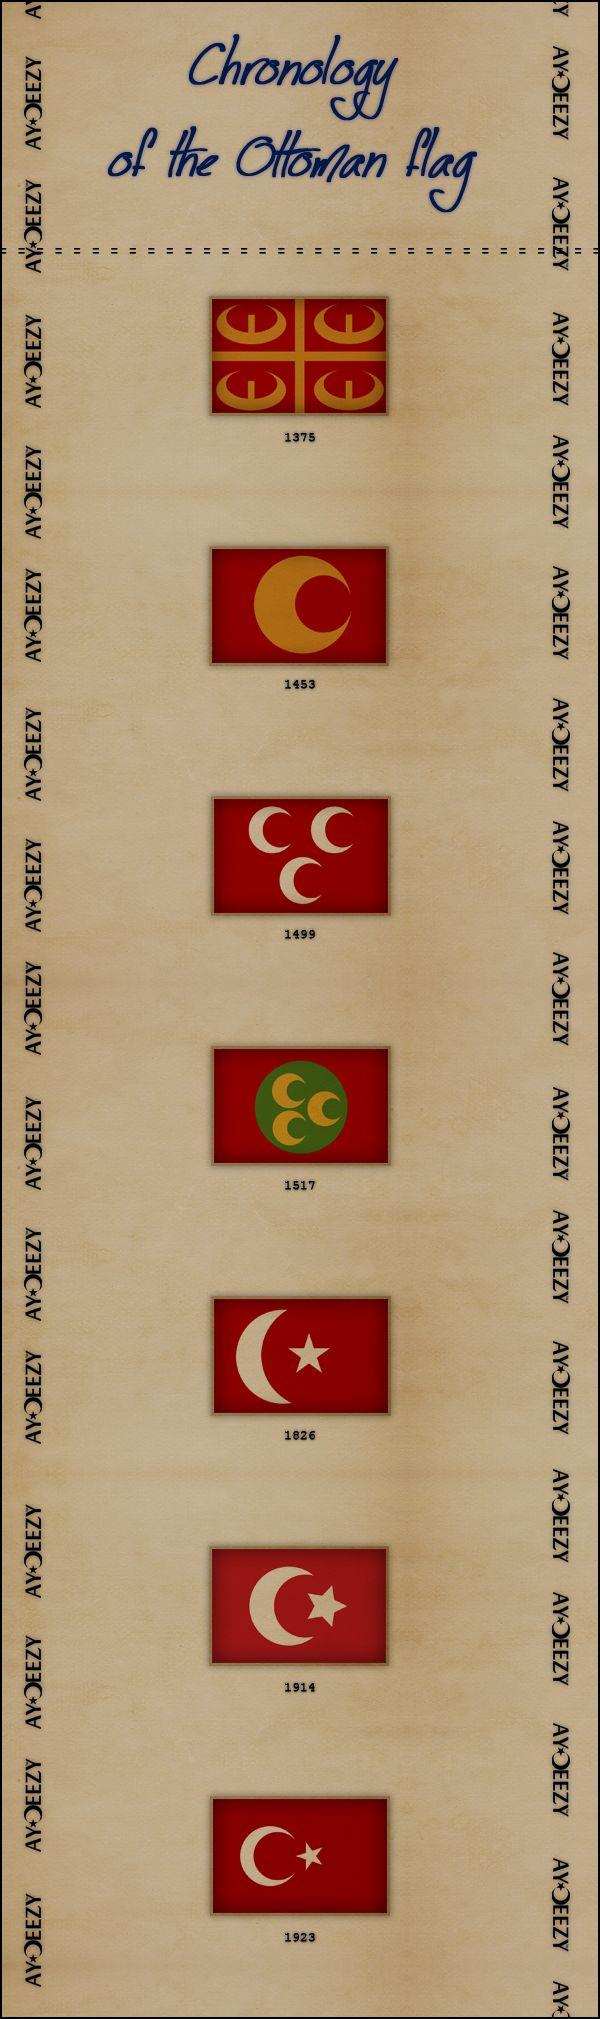 osmanlı'nın kuruluşundan günümüze bayrak kronolojisi.